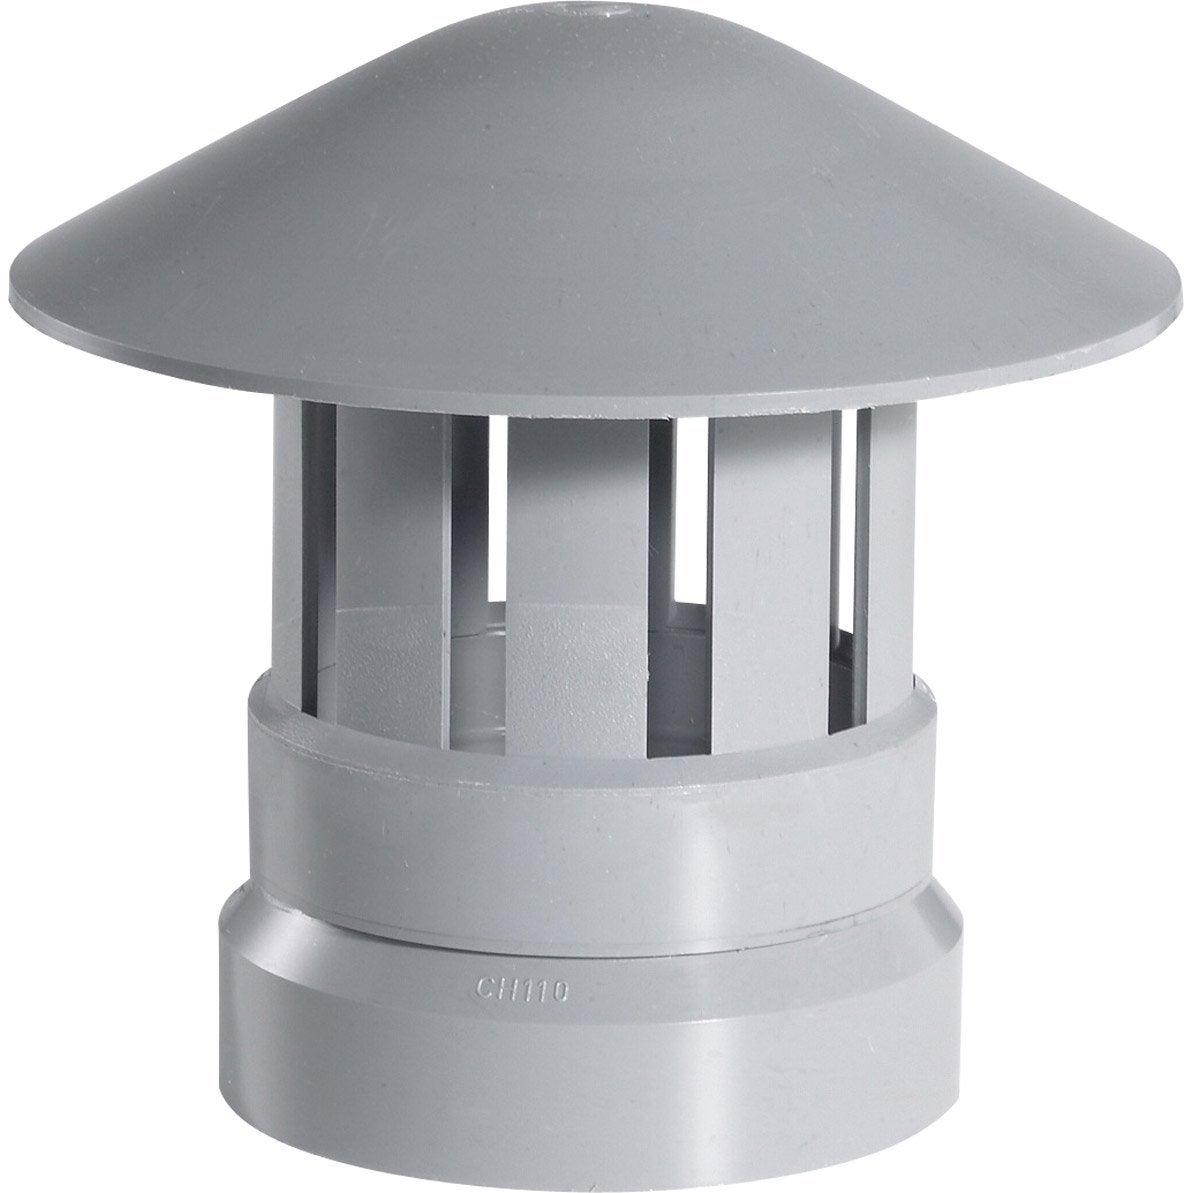 Chapeau De Ventilation Femelle Pvc Gris Girpi Diam100 Mm